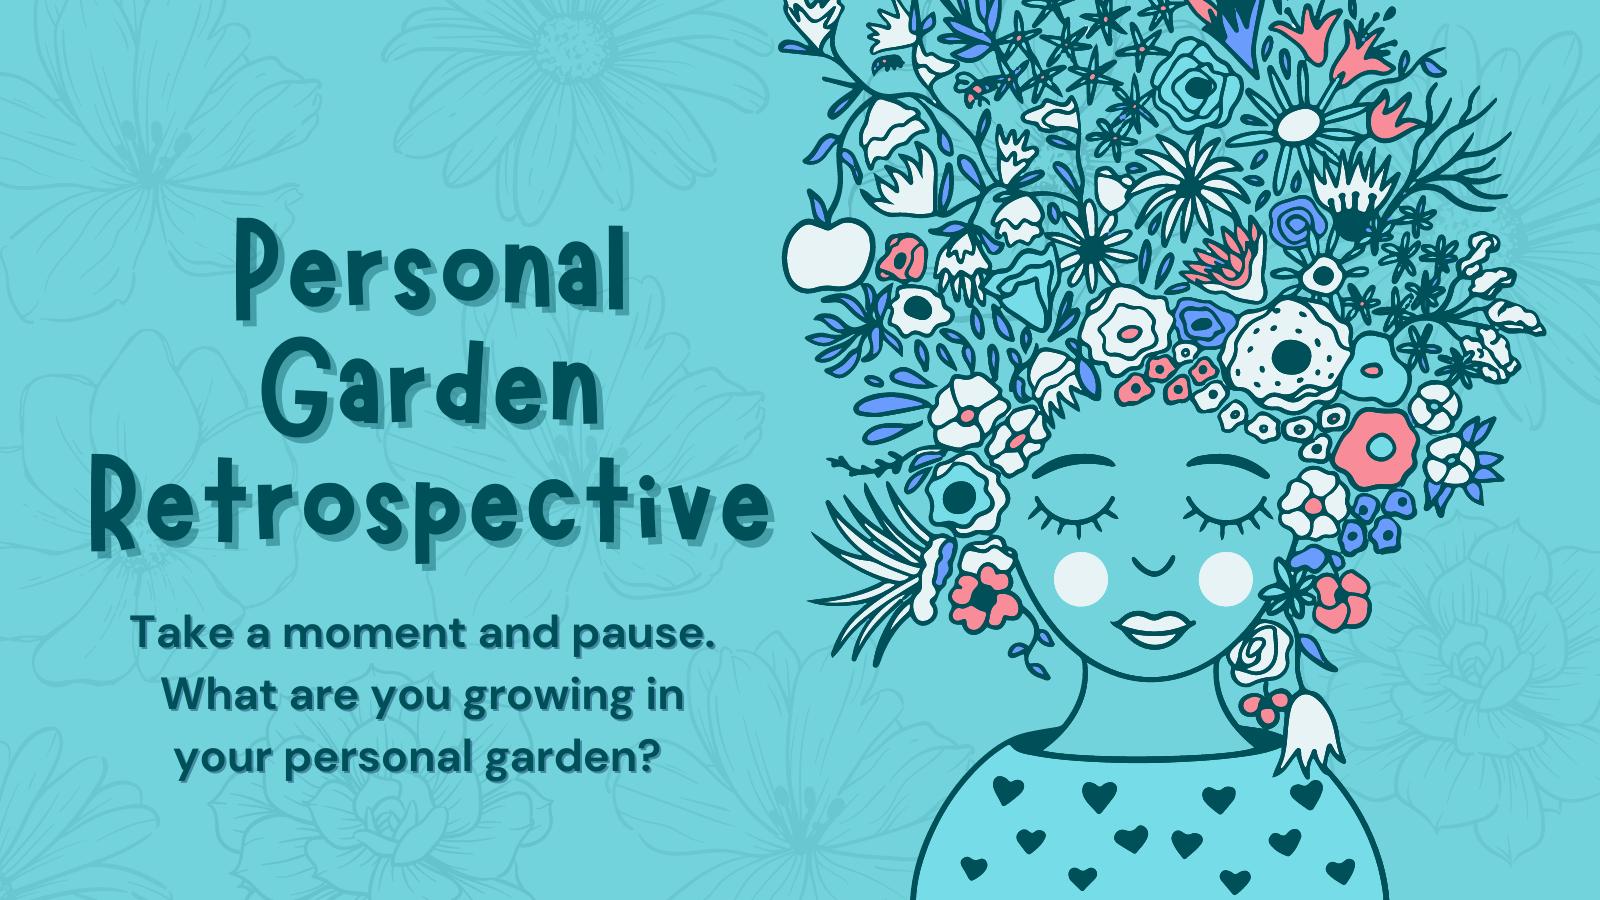 Personal Garden Retrospective (West)